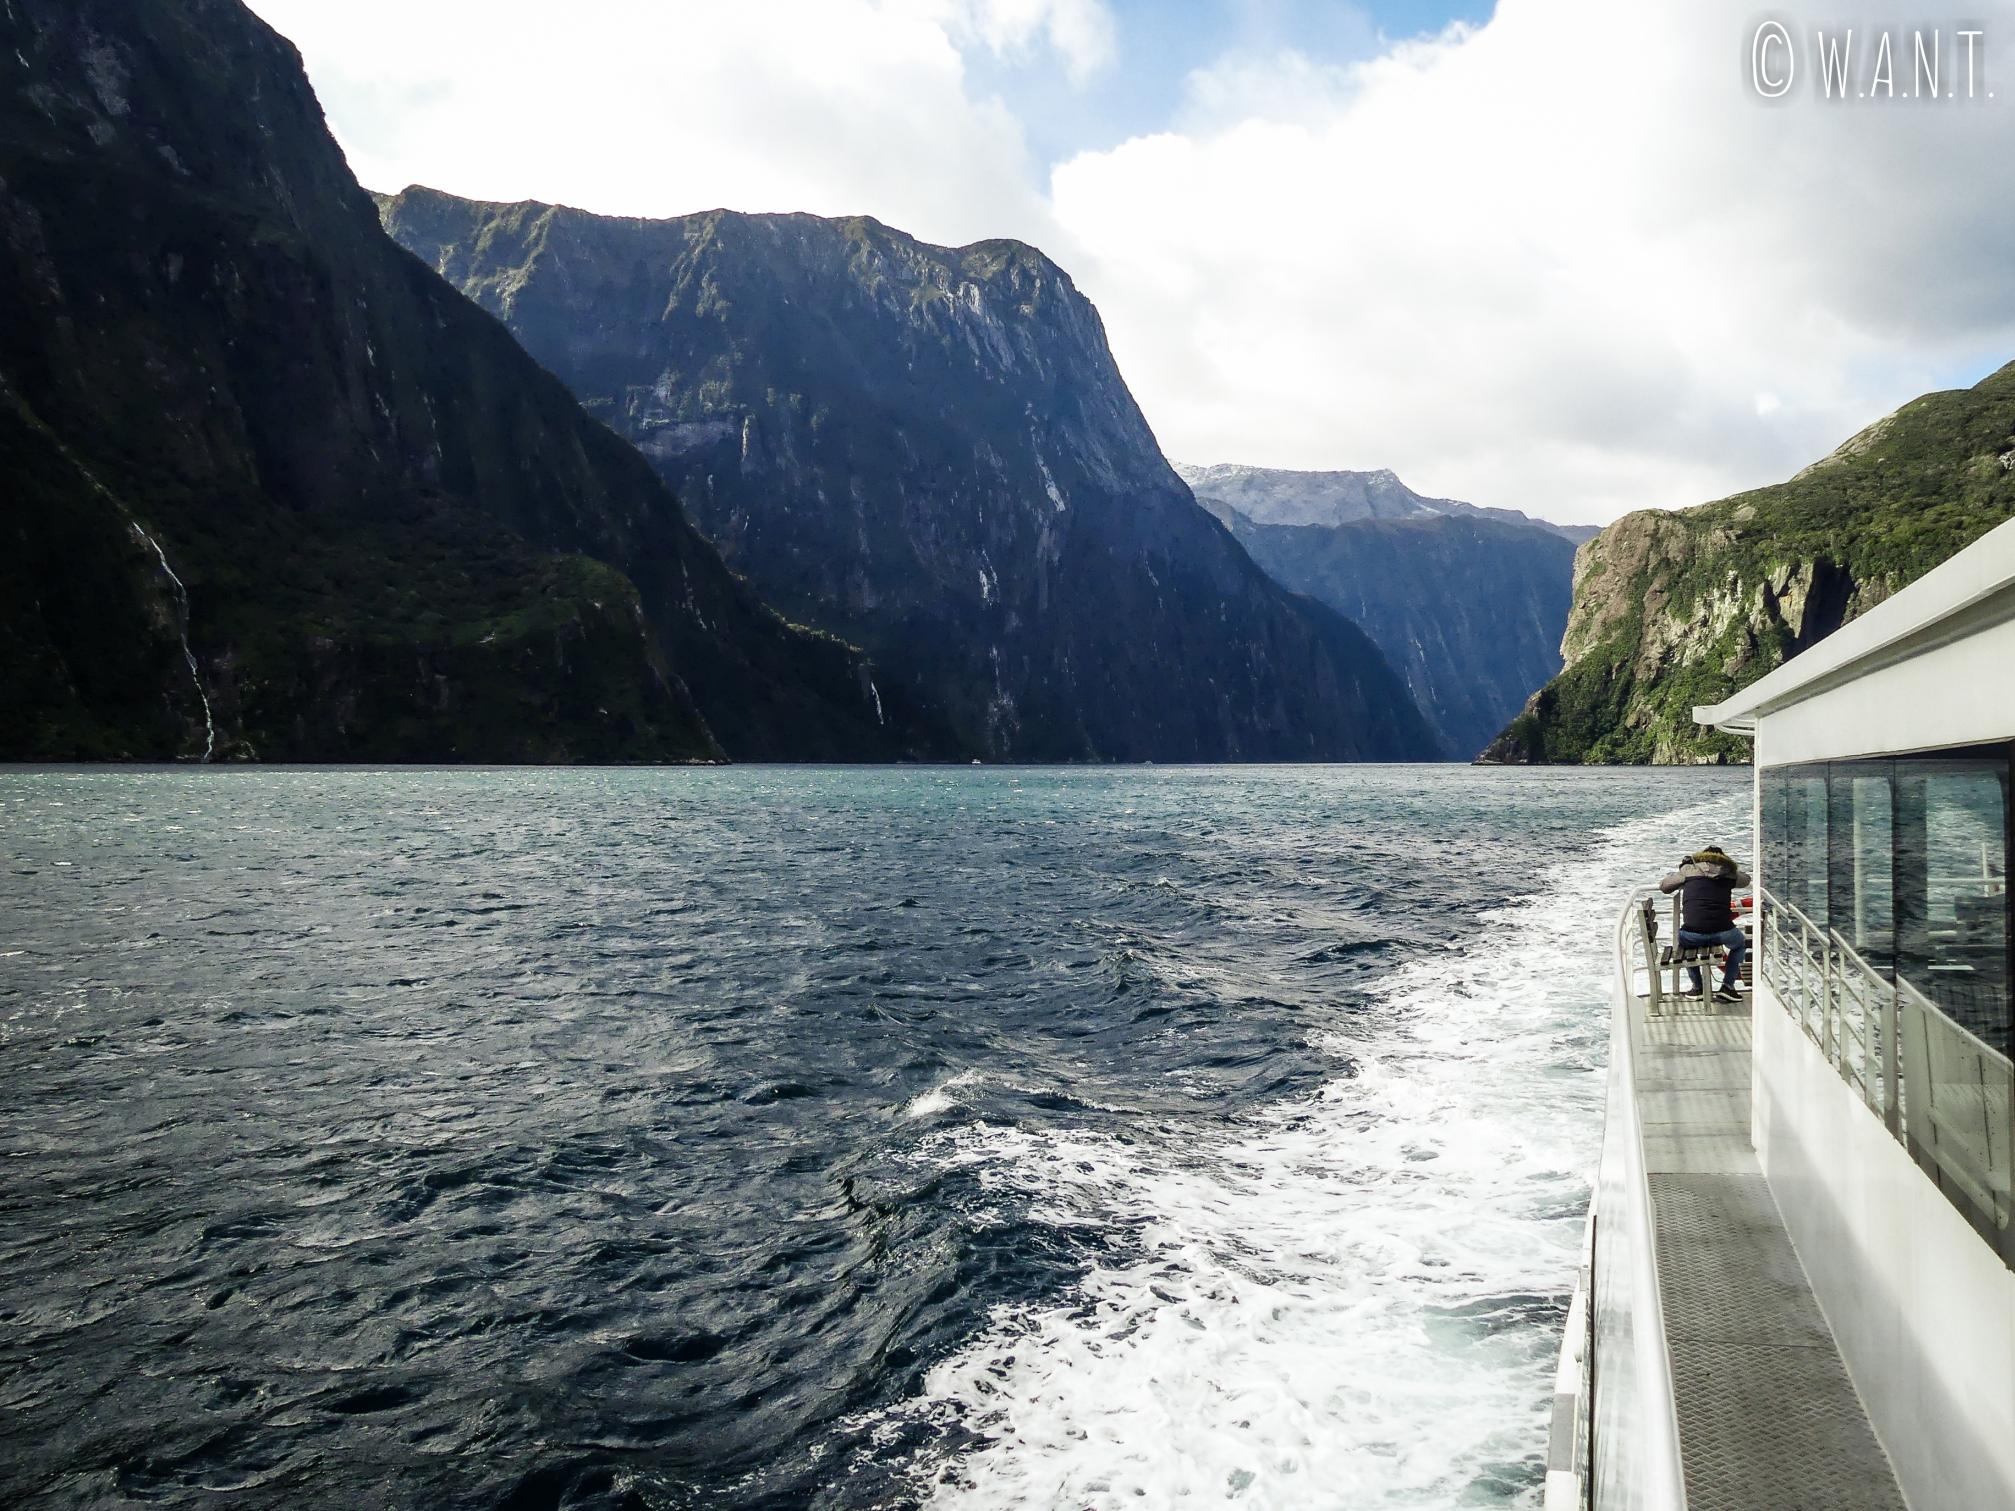 C'est parti pour une croisière sur le Milford Sound en Nouvelle-Zélande